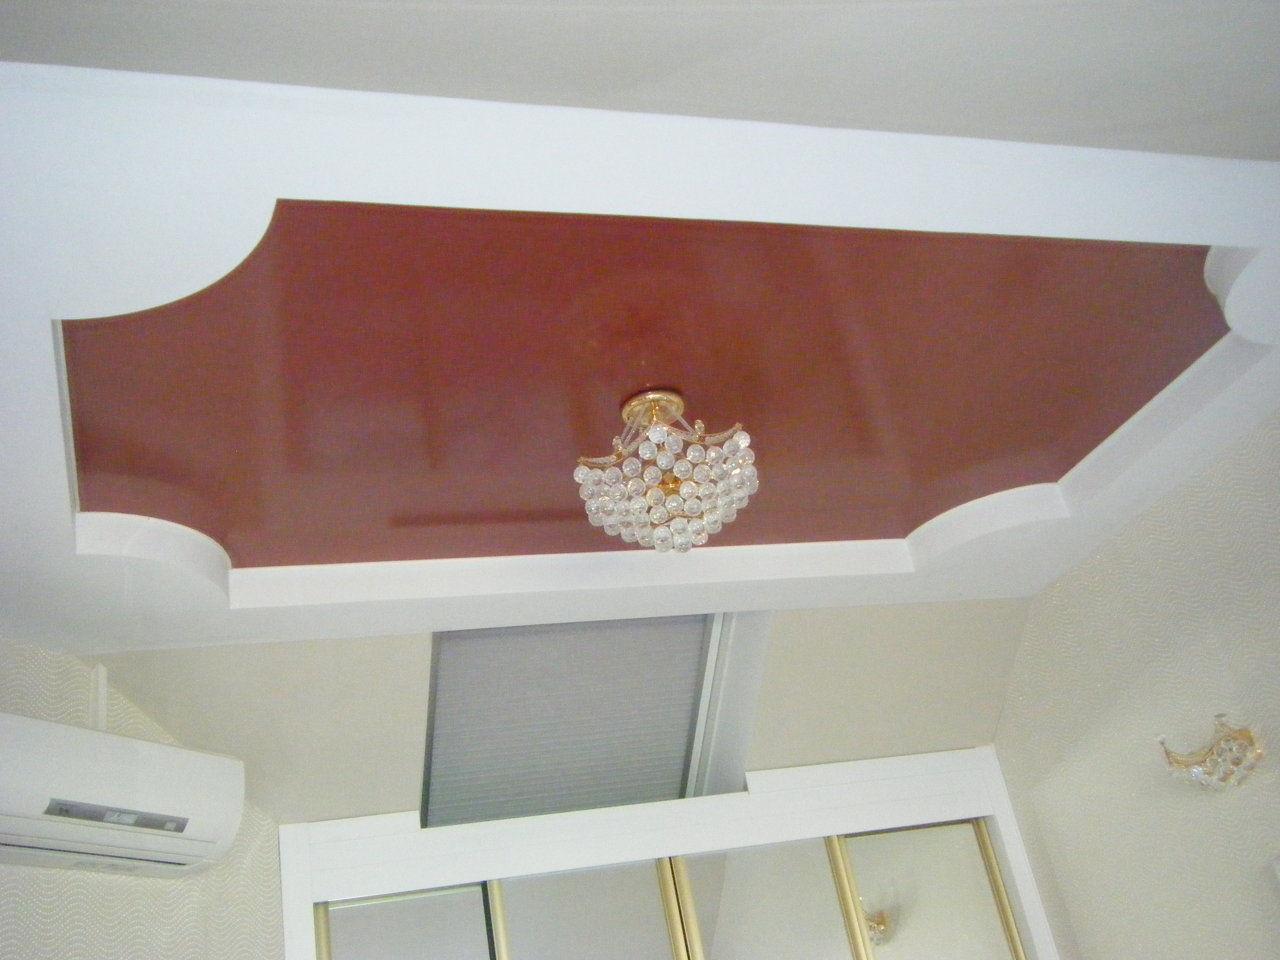 Interiores de lujo diseno de interiores - Interiores de lujo ...